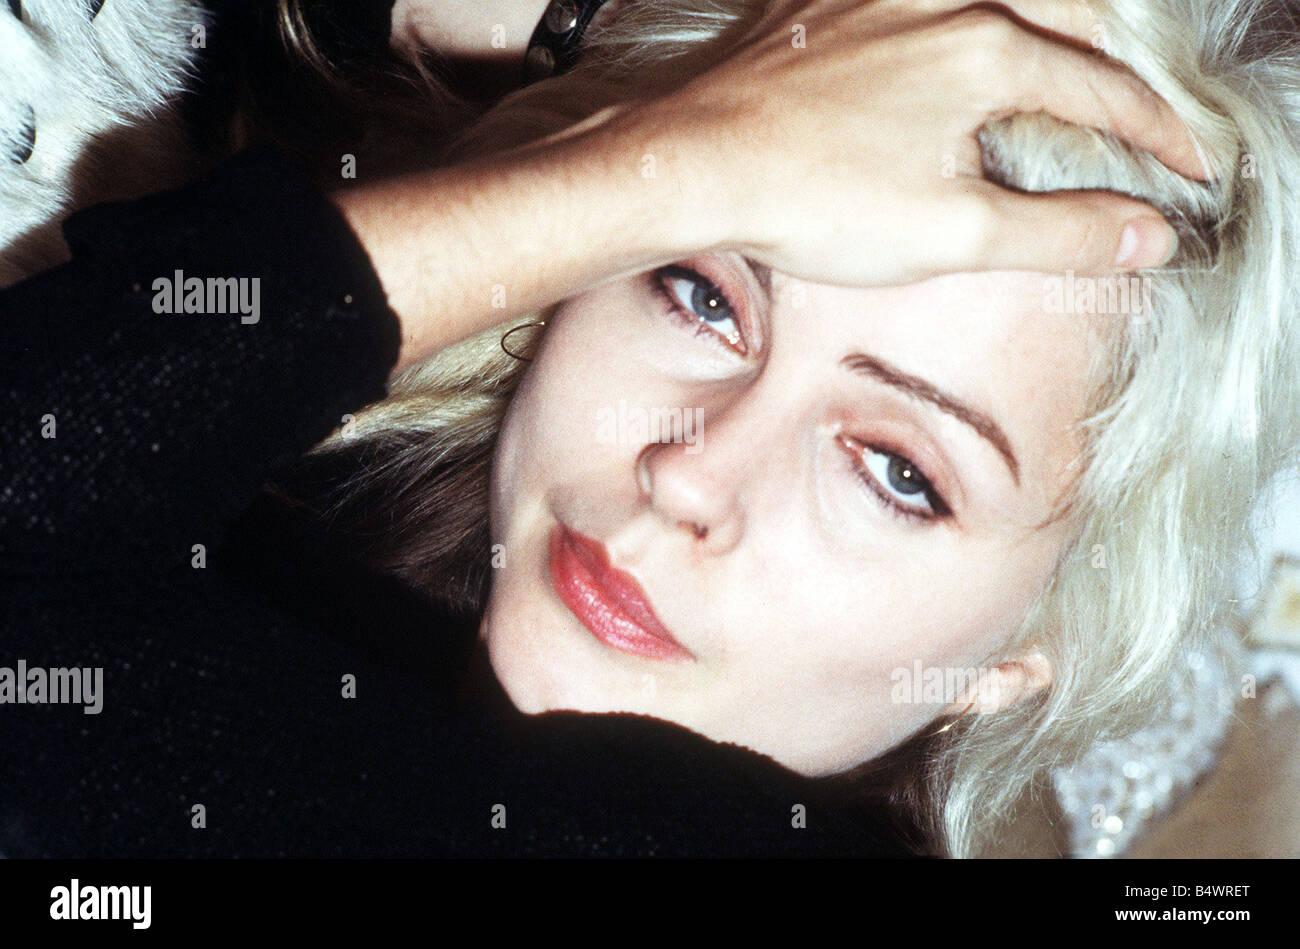 Debbie Harry lead singer of Blondie August 1978 - Stock Image